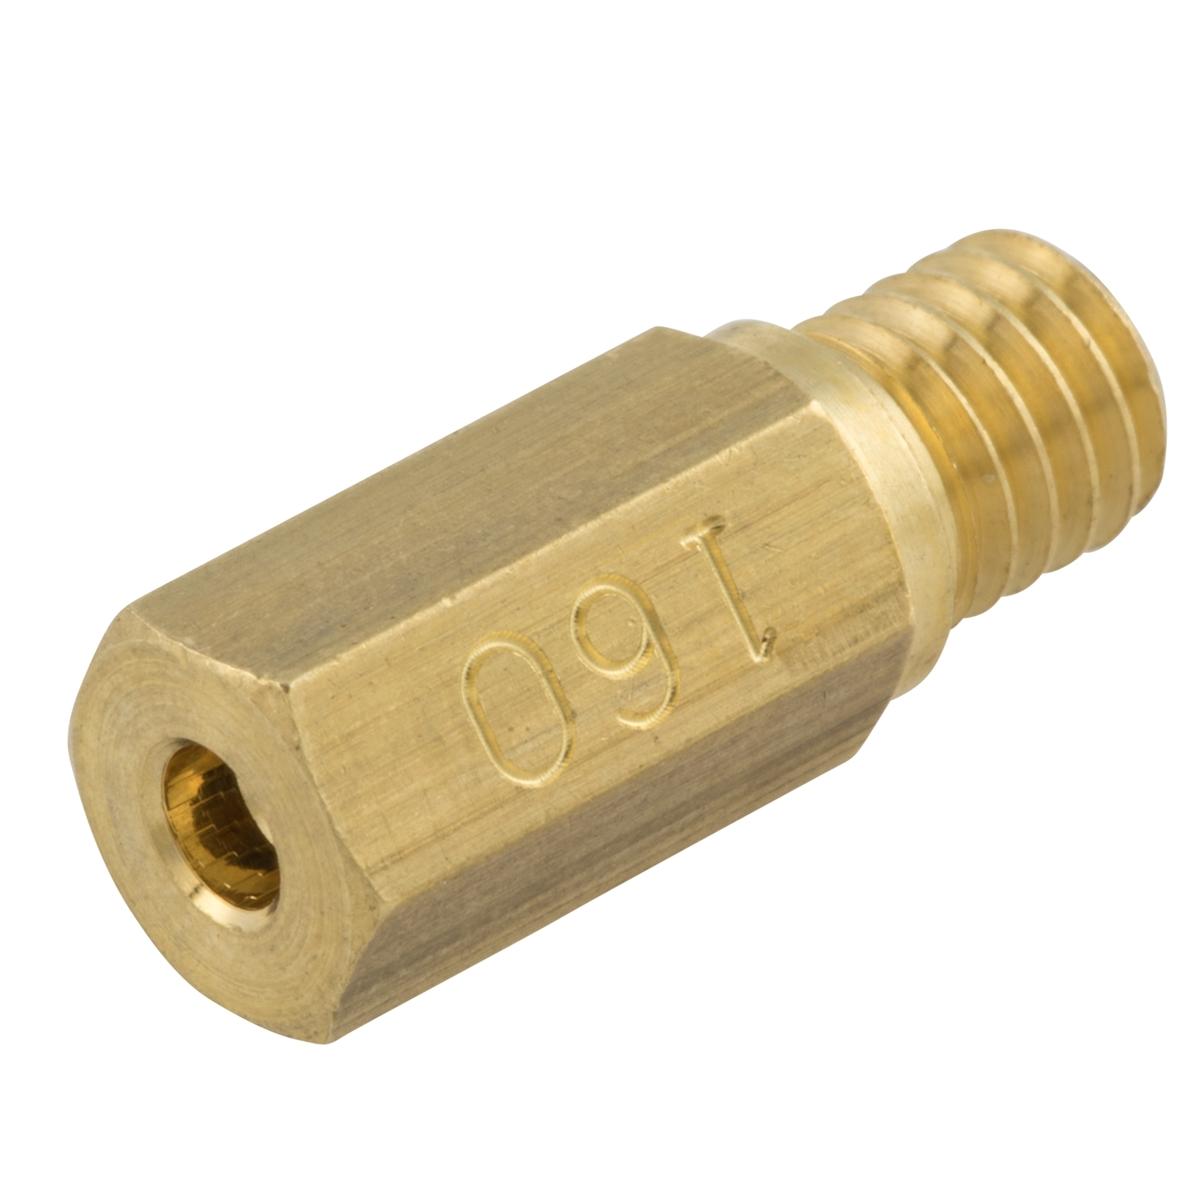 Productafbeelding voor 'Sproeier KMT 155 Ø 6 mmTitle'